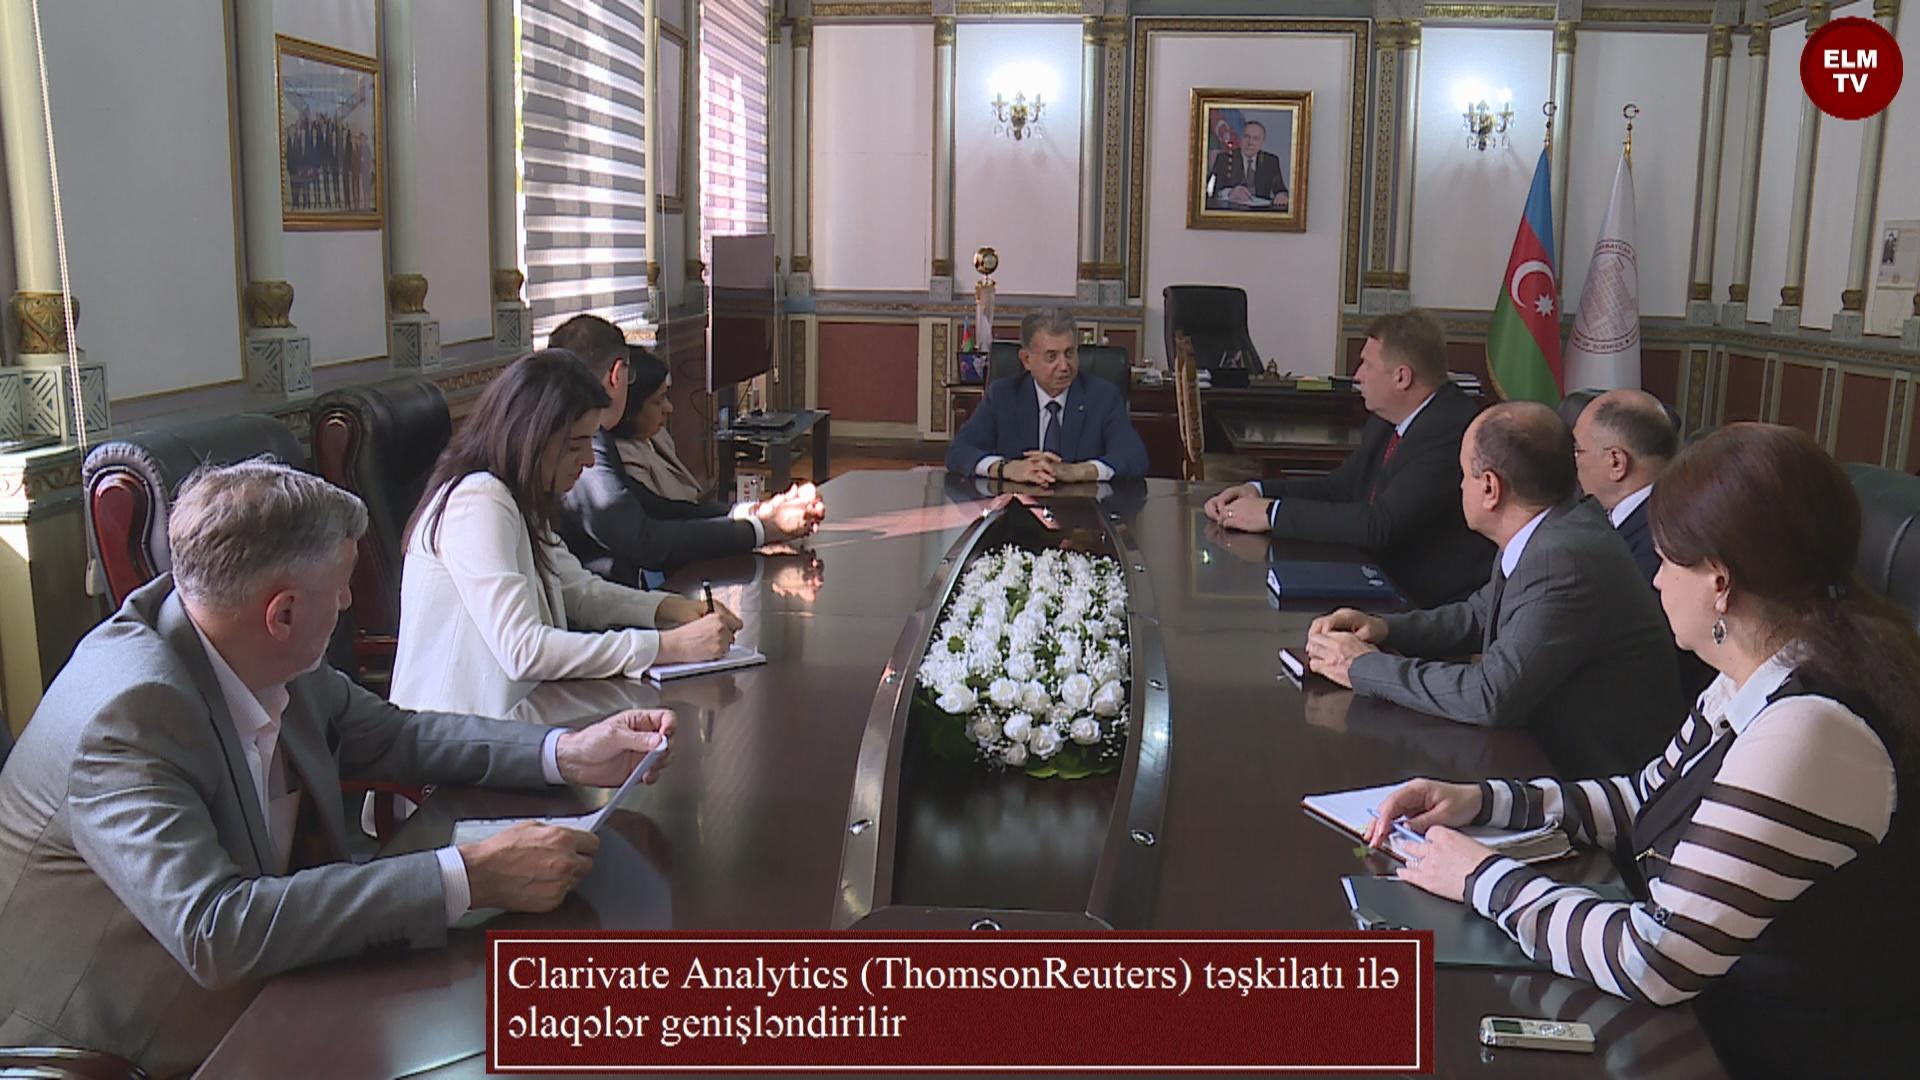 Clarivate Analytics (ThomsonReuters) təşkilatı ilə əlaqələr genişləndirilir